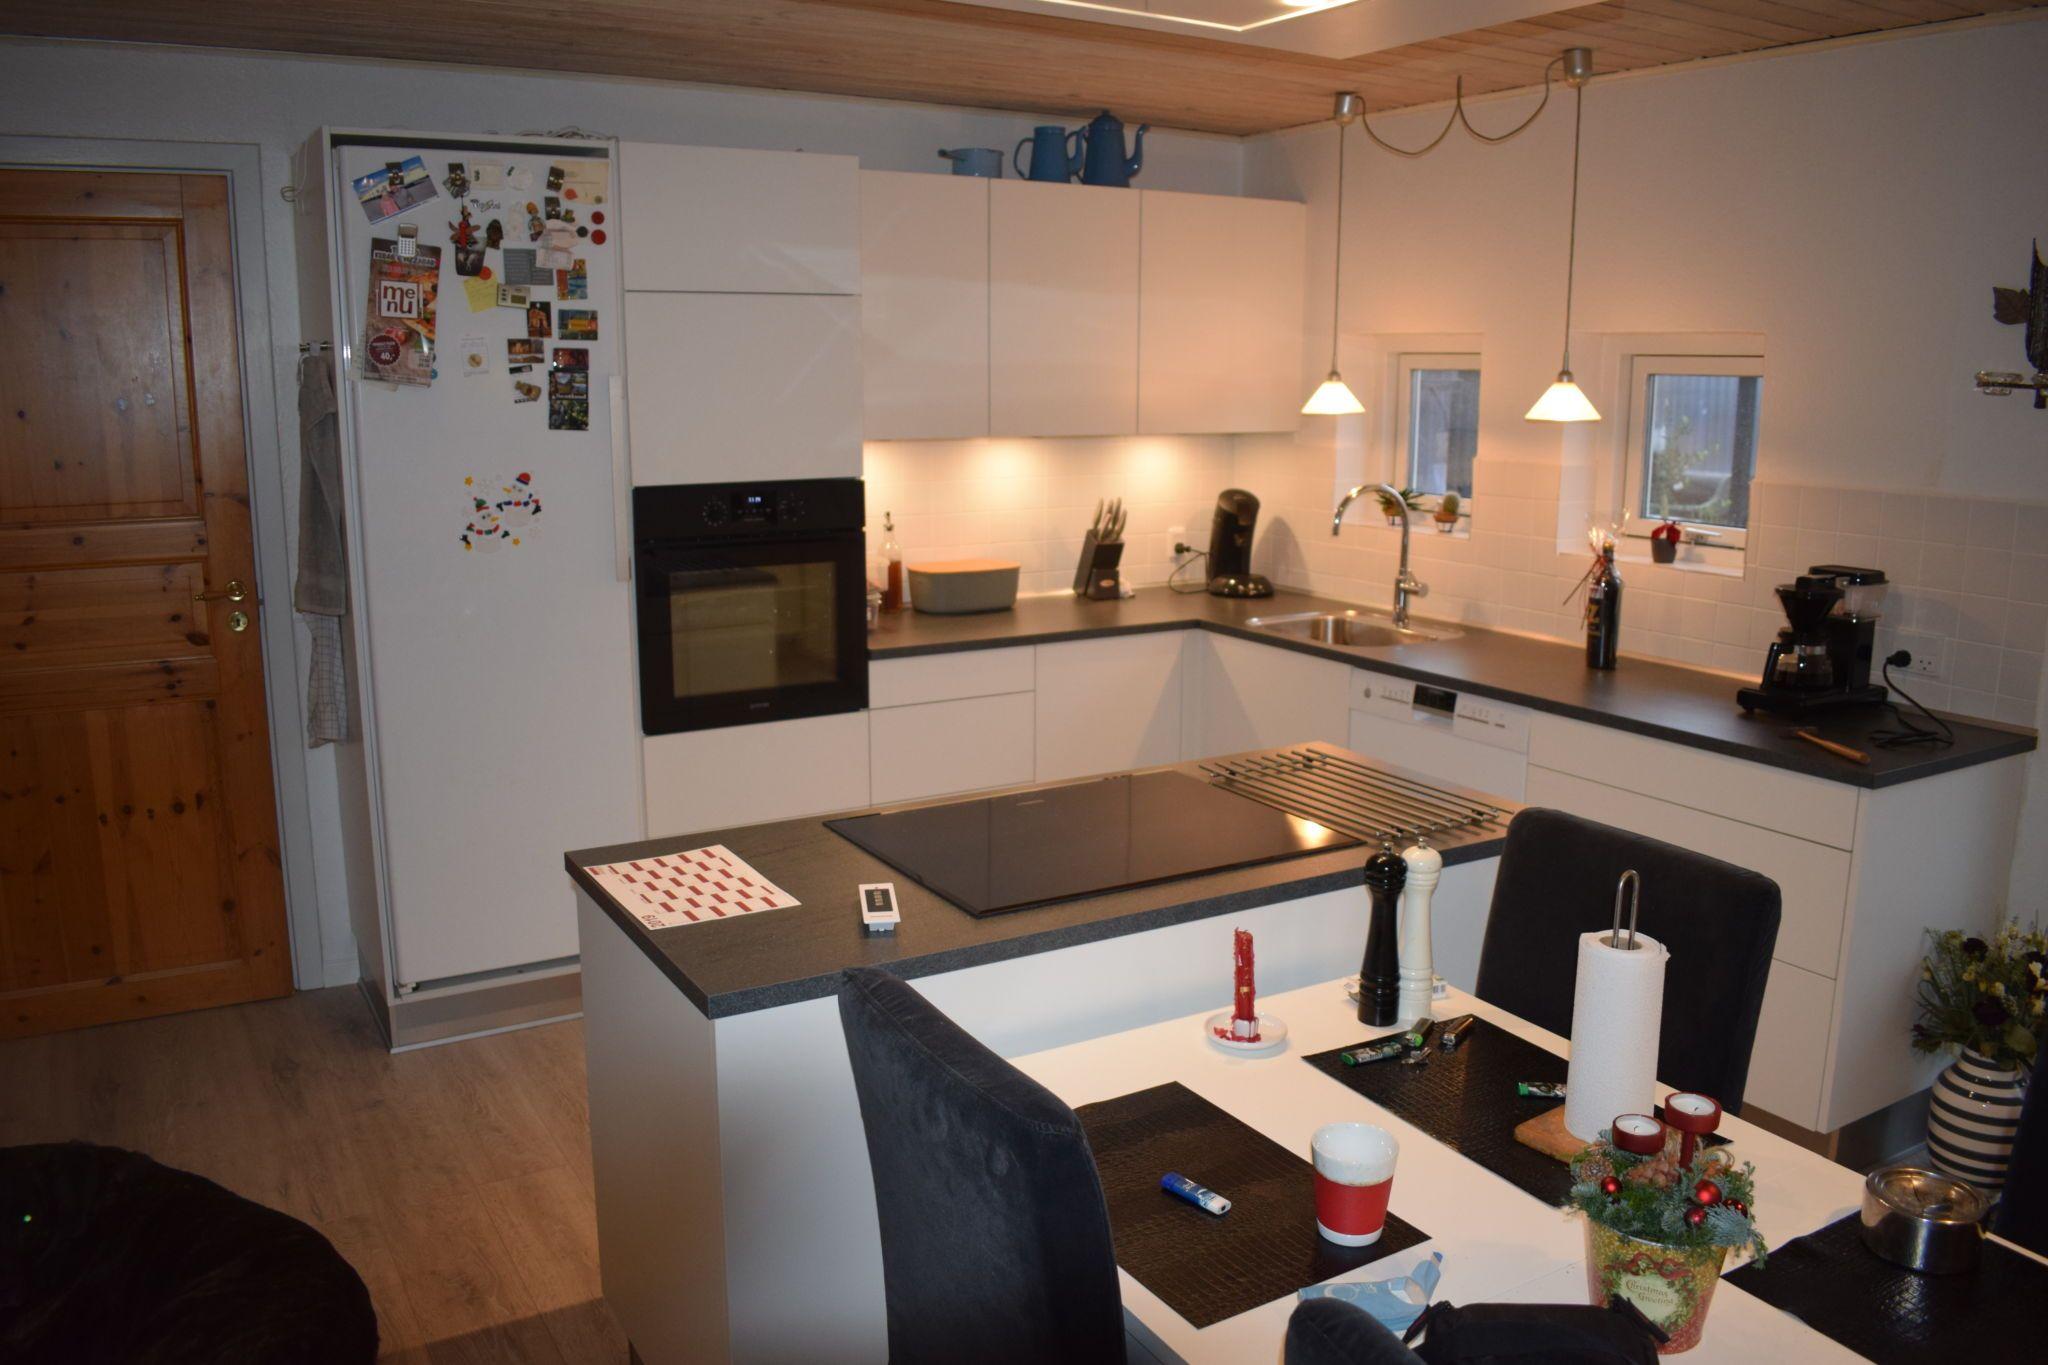 Renovering af køkken foretaget med flot resultat - Hvidt lyst køkken